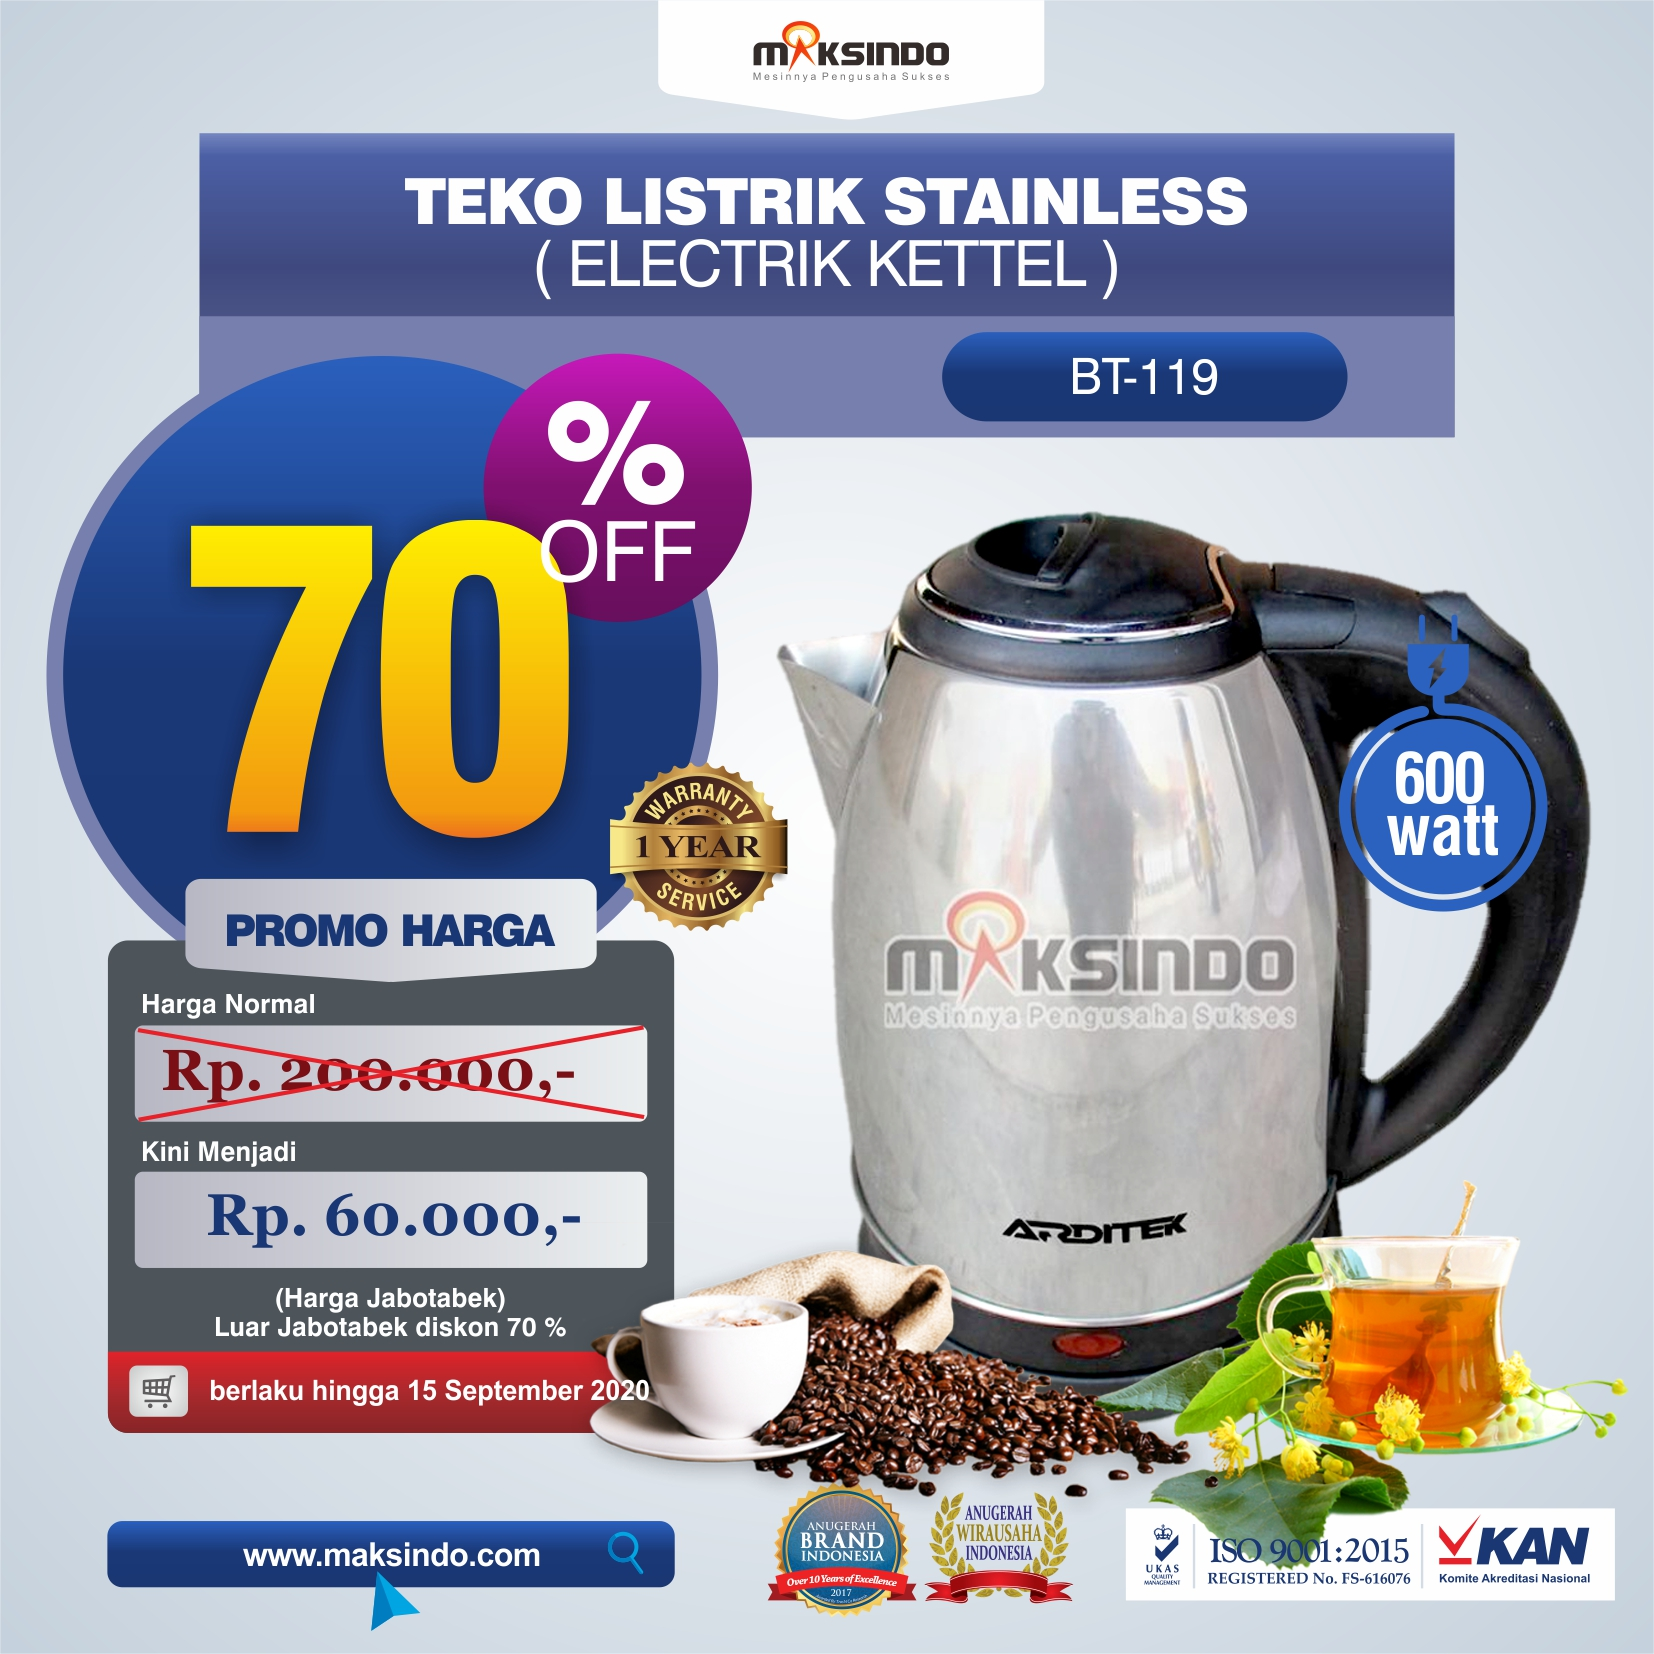 Jual Teko Listrik Stainless (Electrik Kettel) BT-119 di Bandung